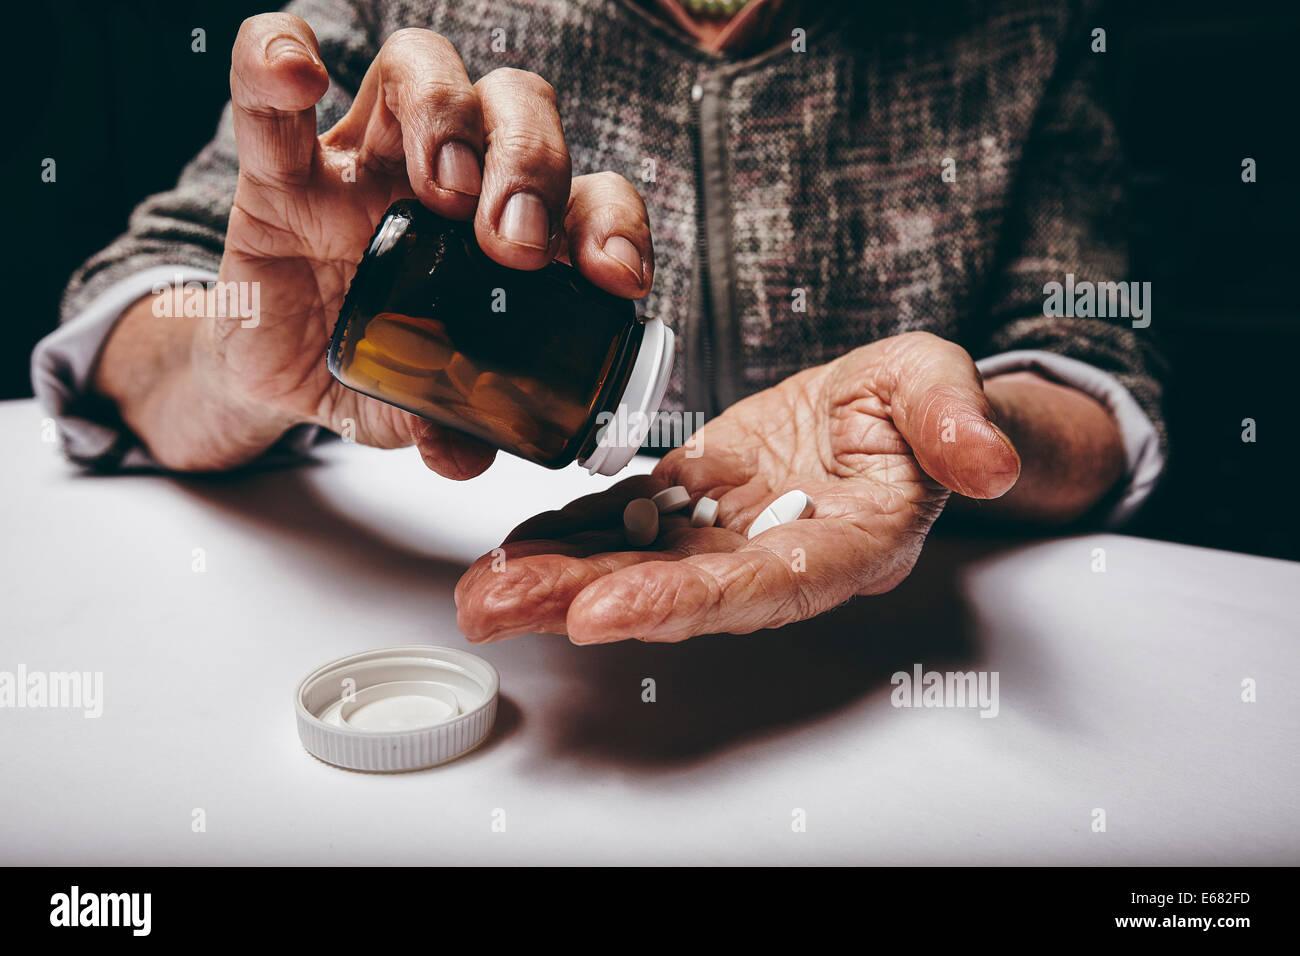 Blick auf ältere Frau, die Einnahme von rezeptpflichtigen Medikamenten aus Pille Flasche abgeschnitten. Senior Stockbild